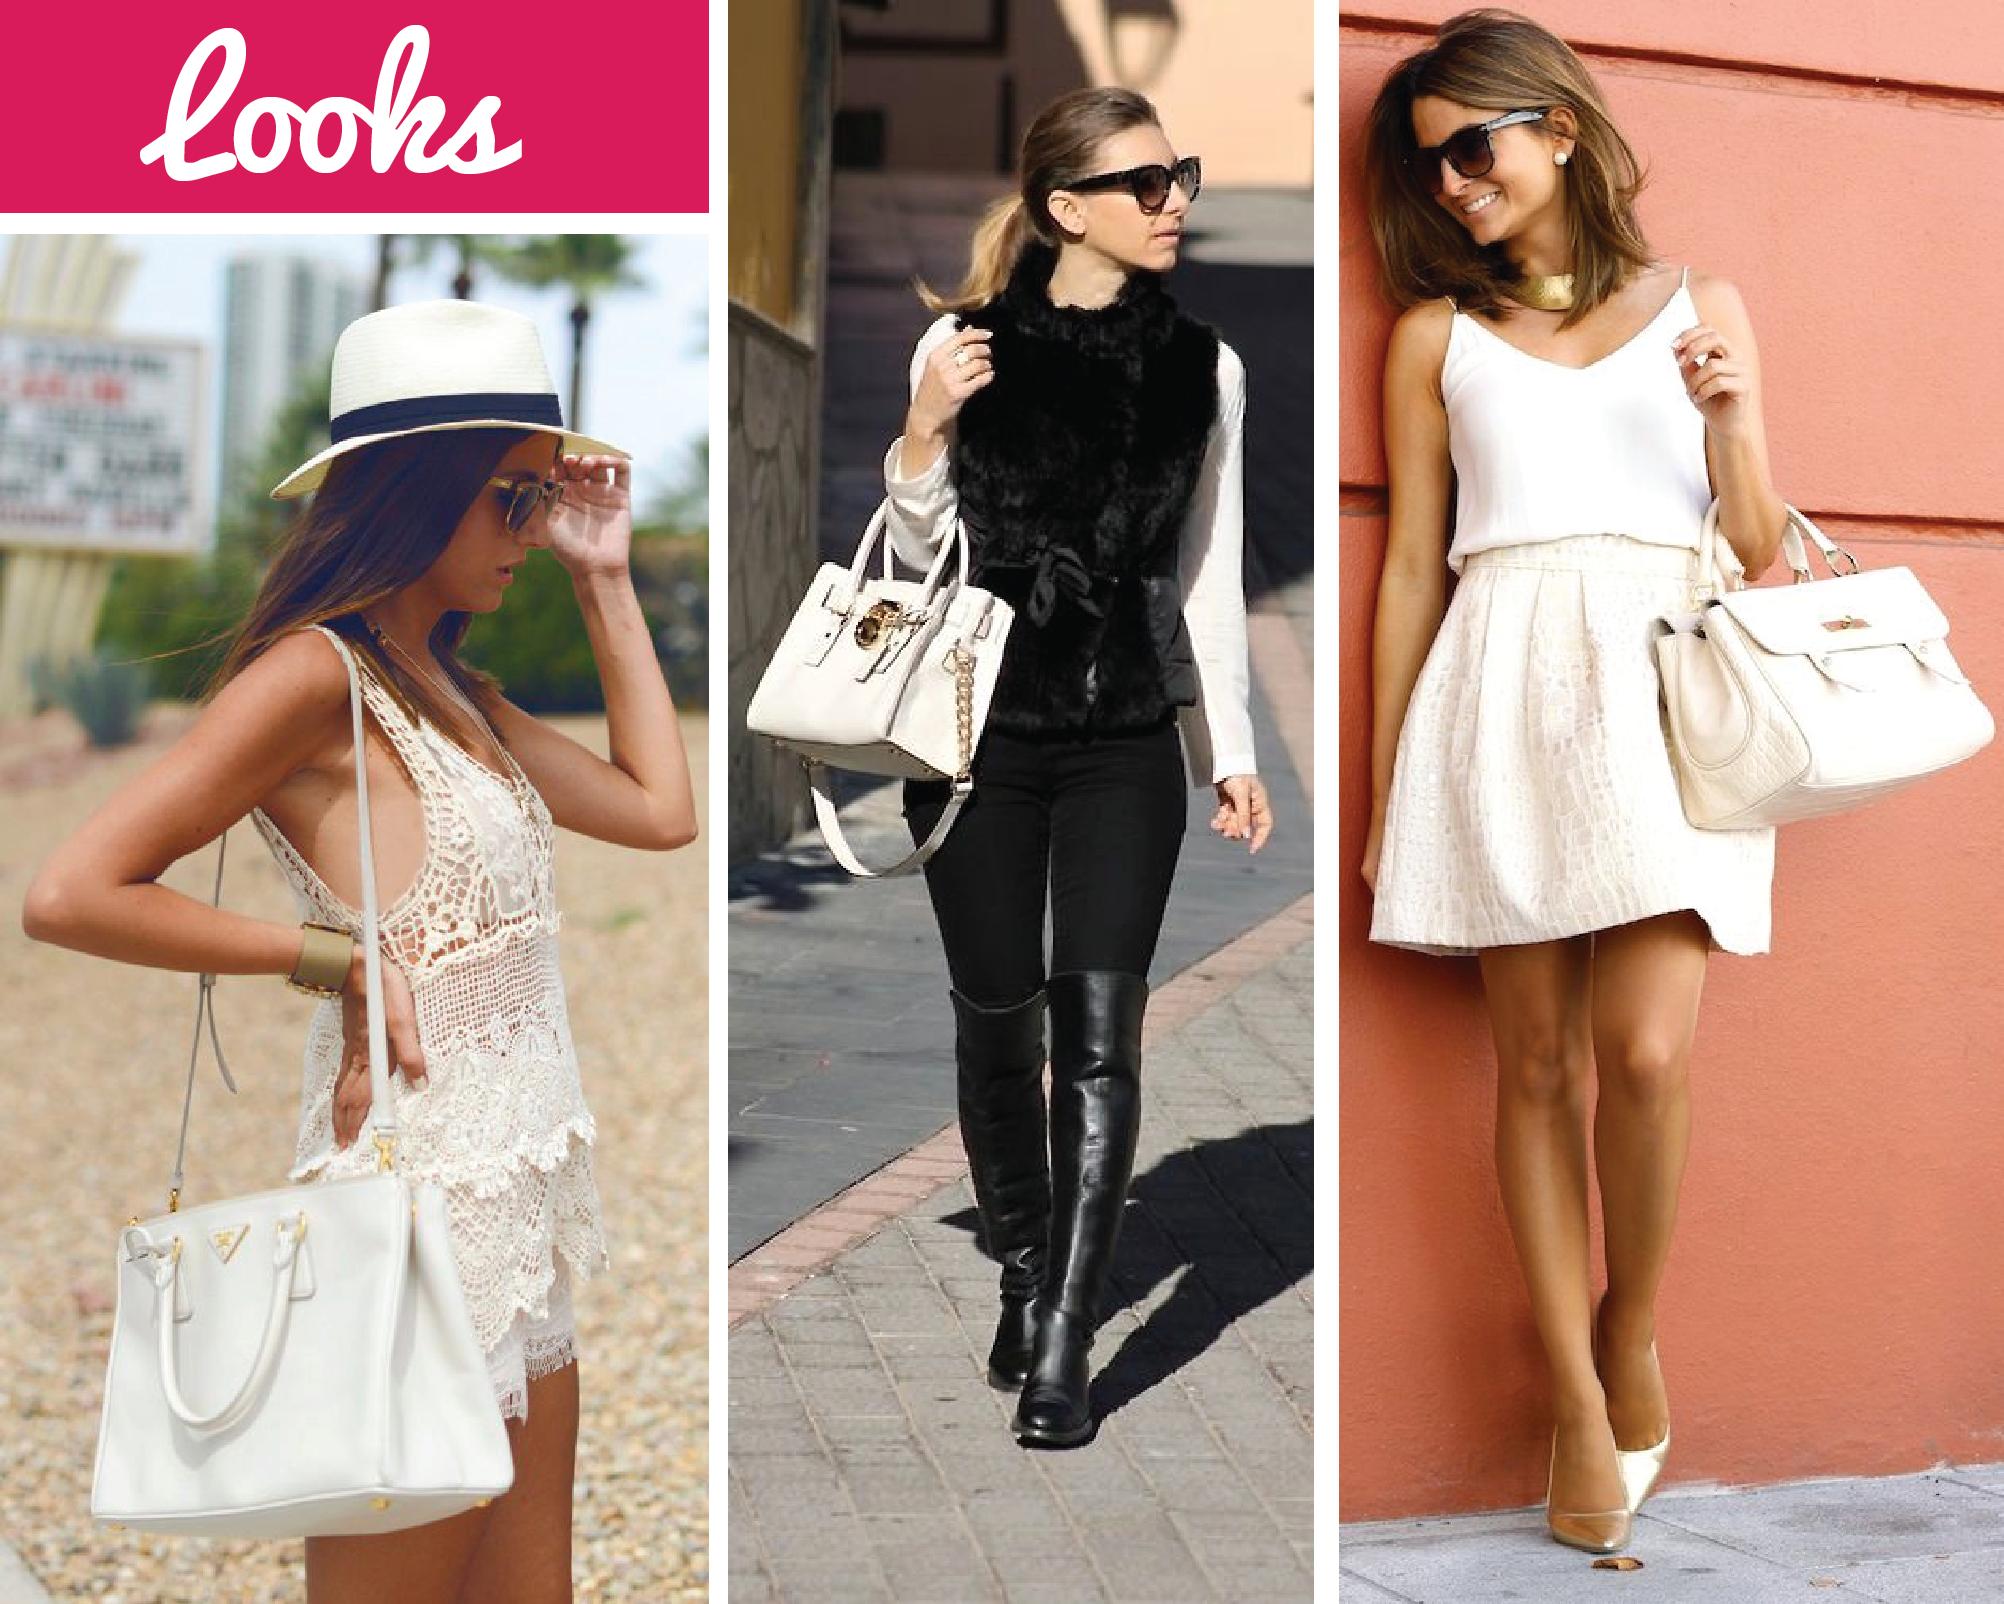 Bolsa De Festa Branca : Tend?ncia bolsa branca de moda do brech? capricho